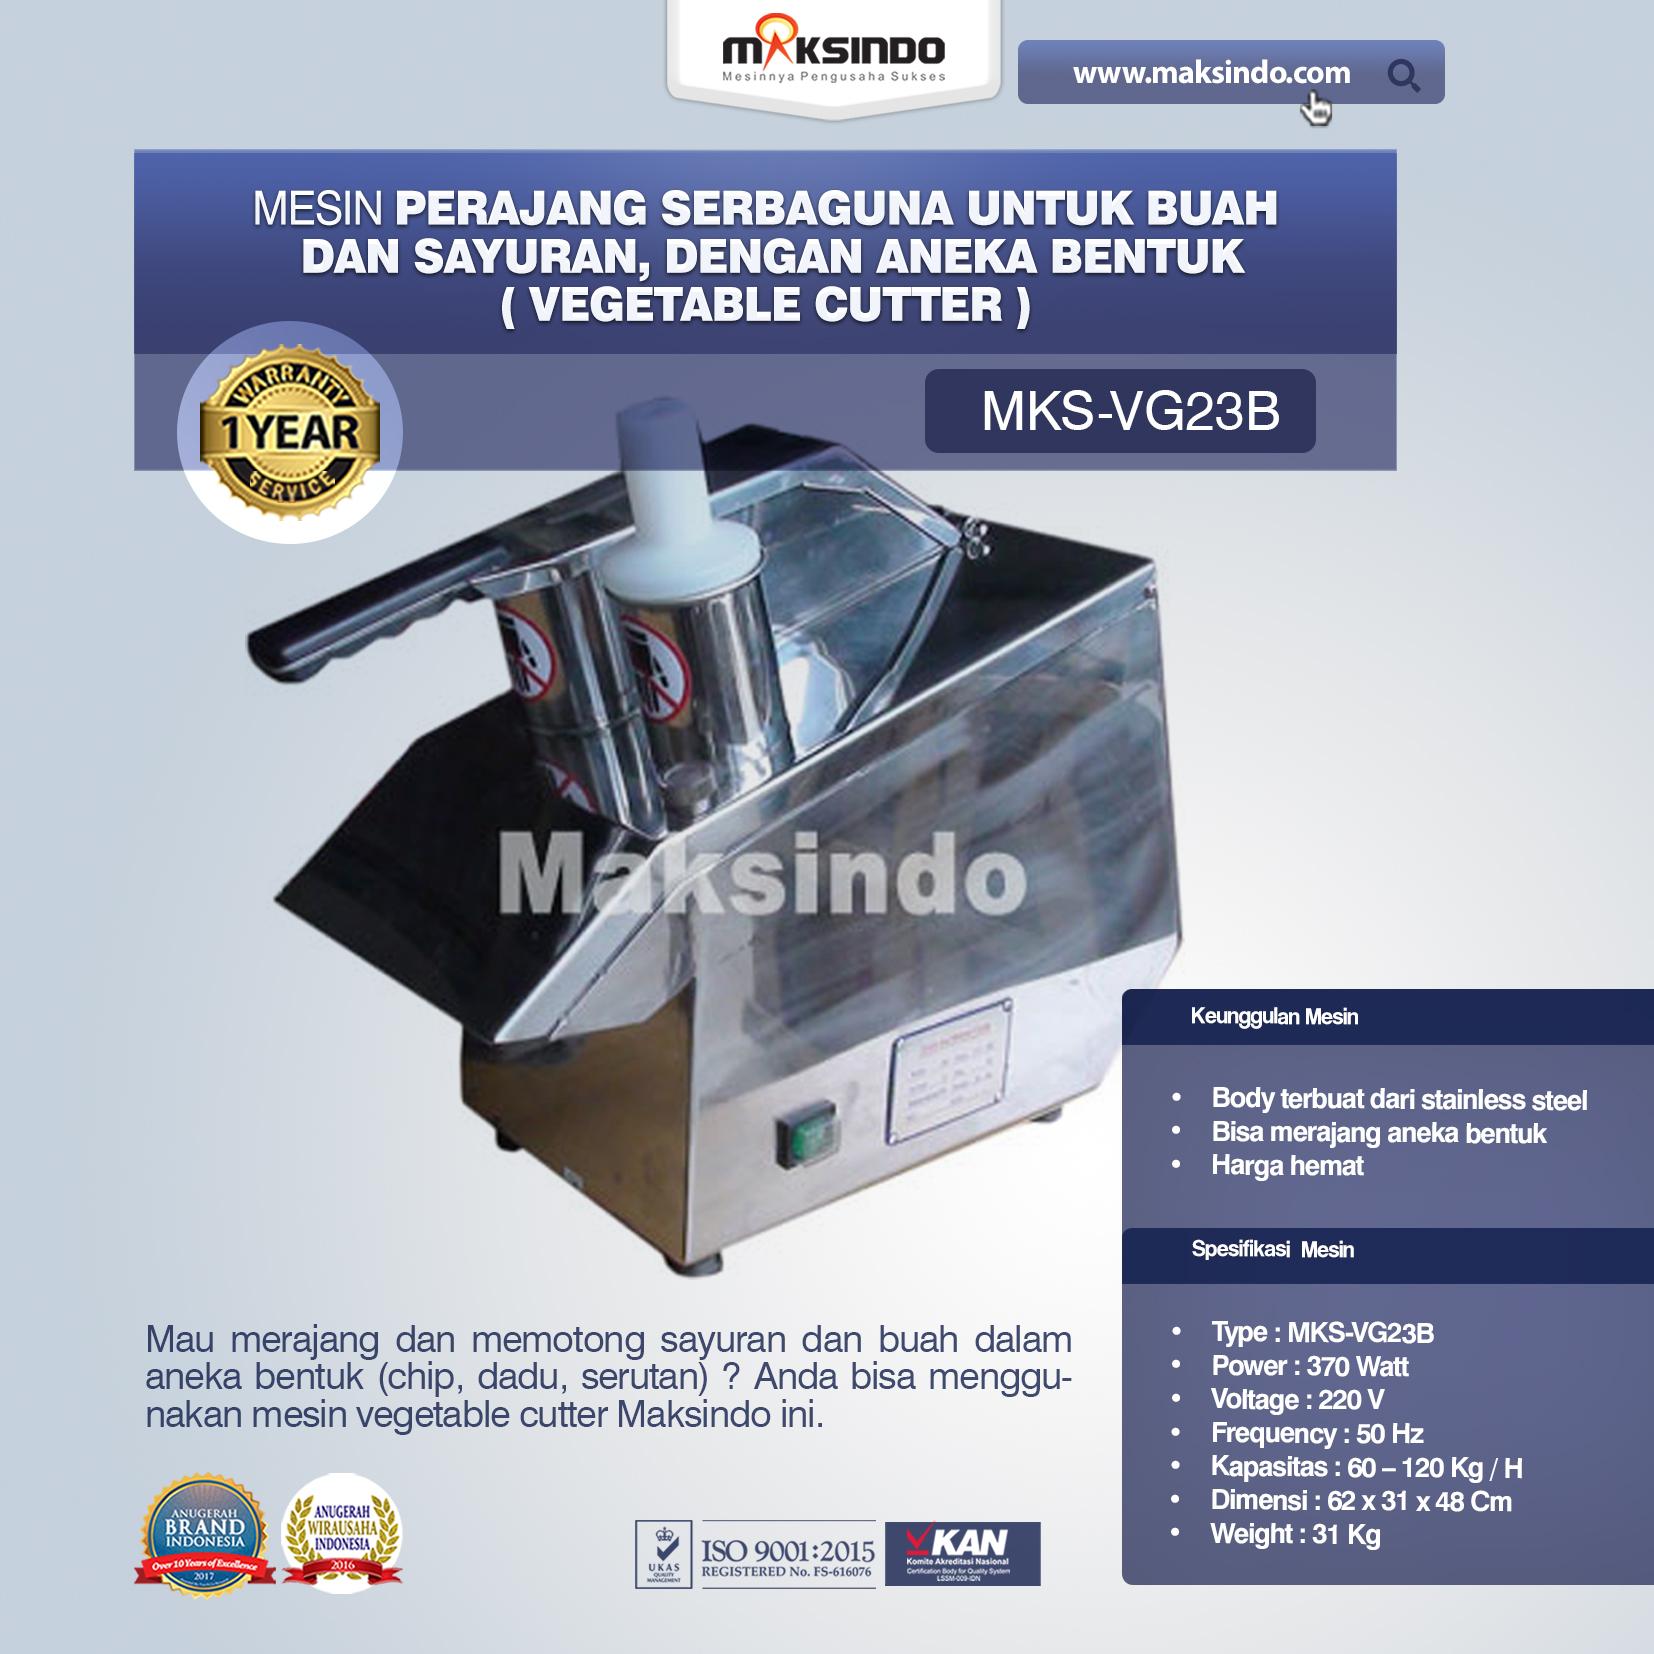 Jual Mesin Vegetable Cutter (MKS-VG23B) di Banjarmasin